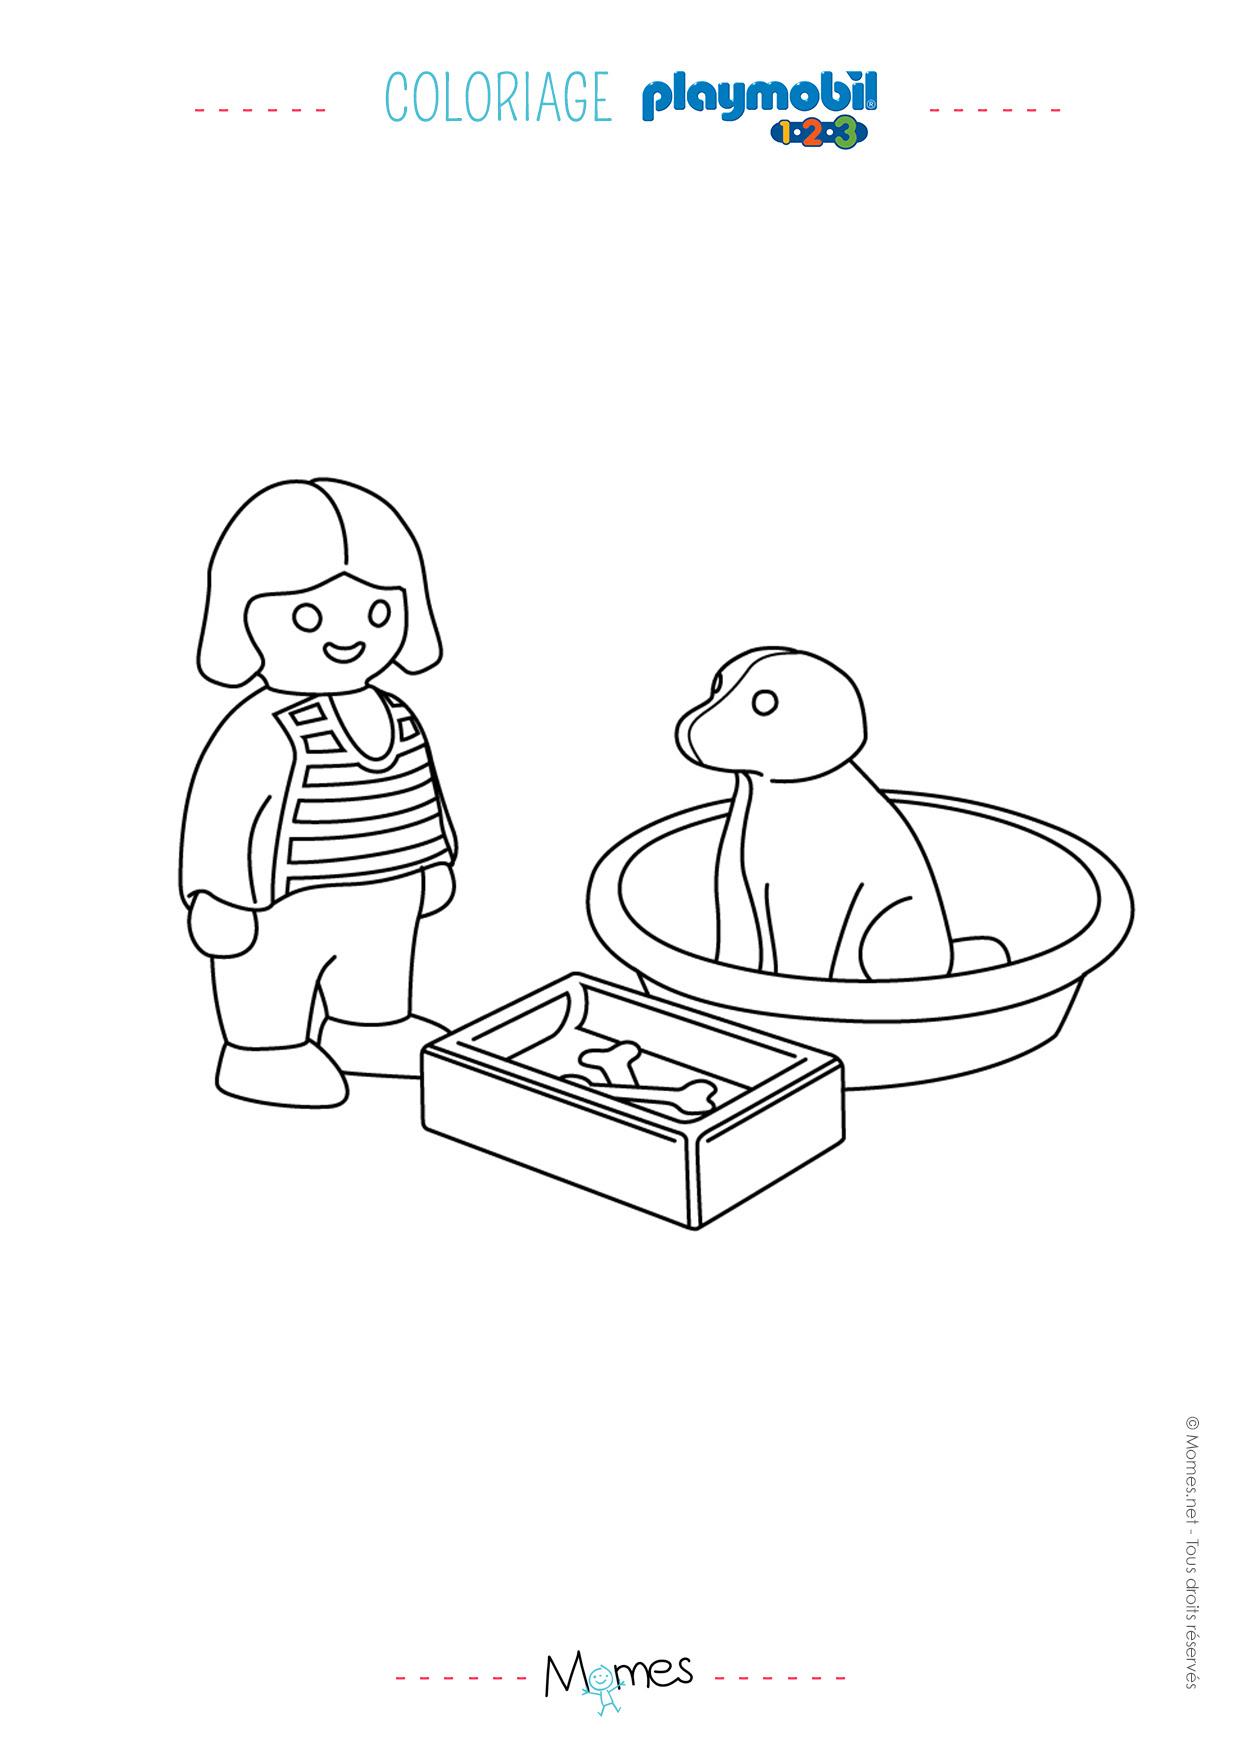 Coloriage La Petite Fille Et Son Chien Playmobil 123 Momesnet